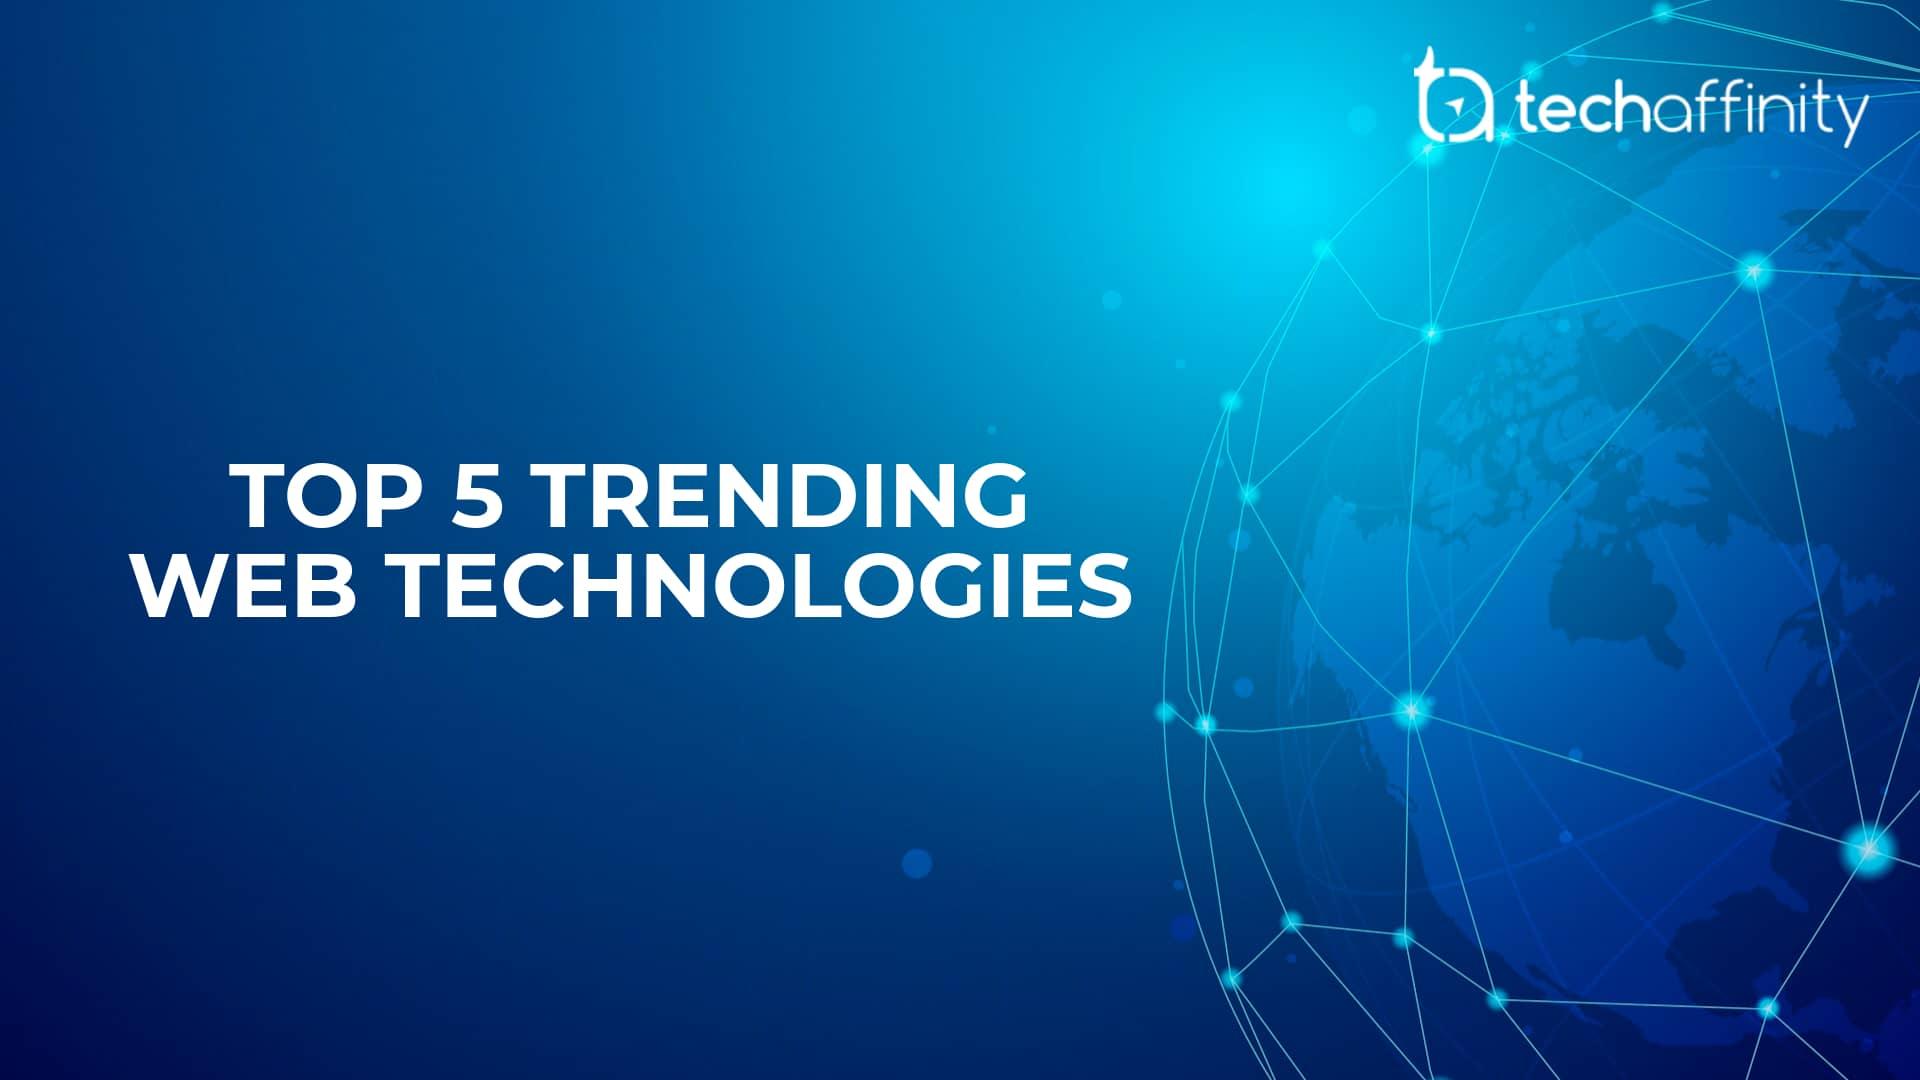 Top 5 Trending Web Technologies